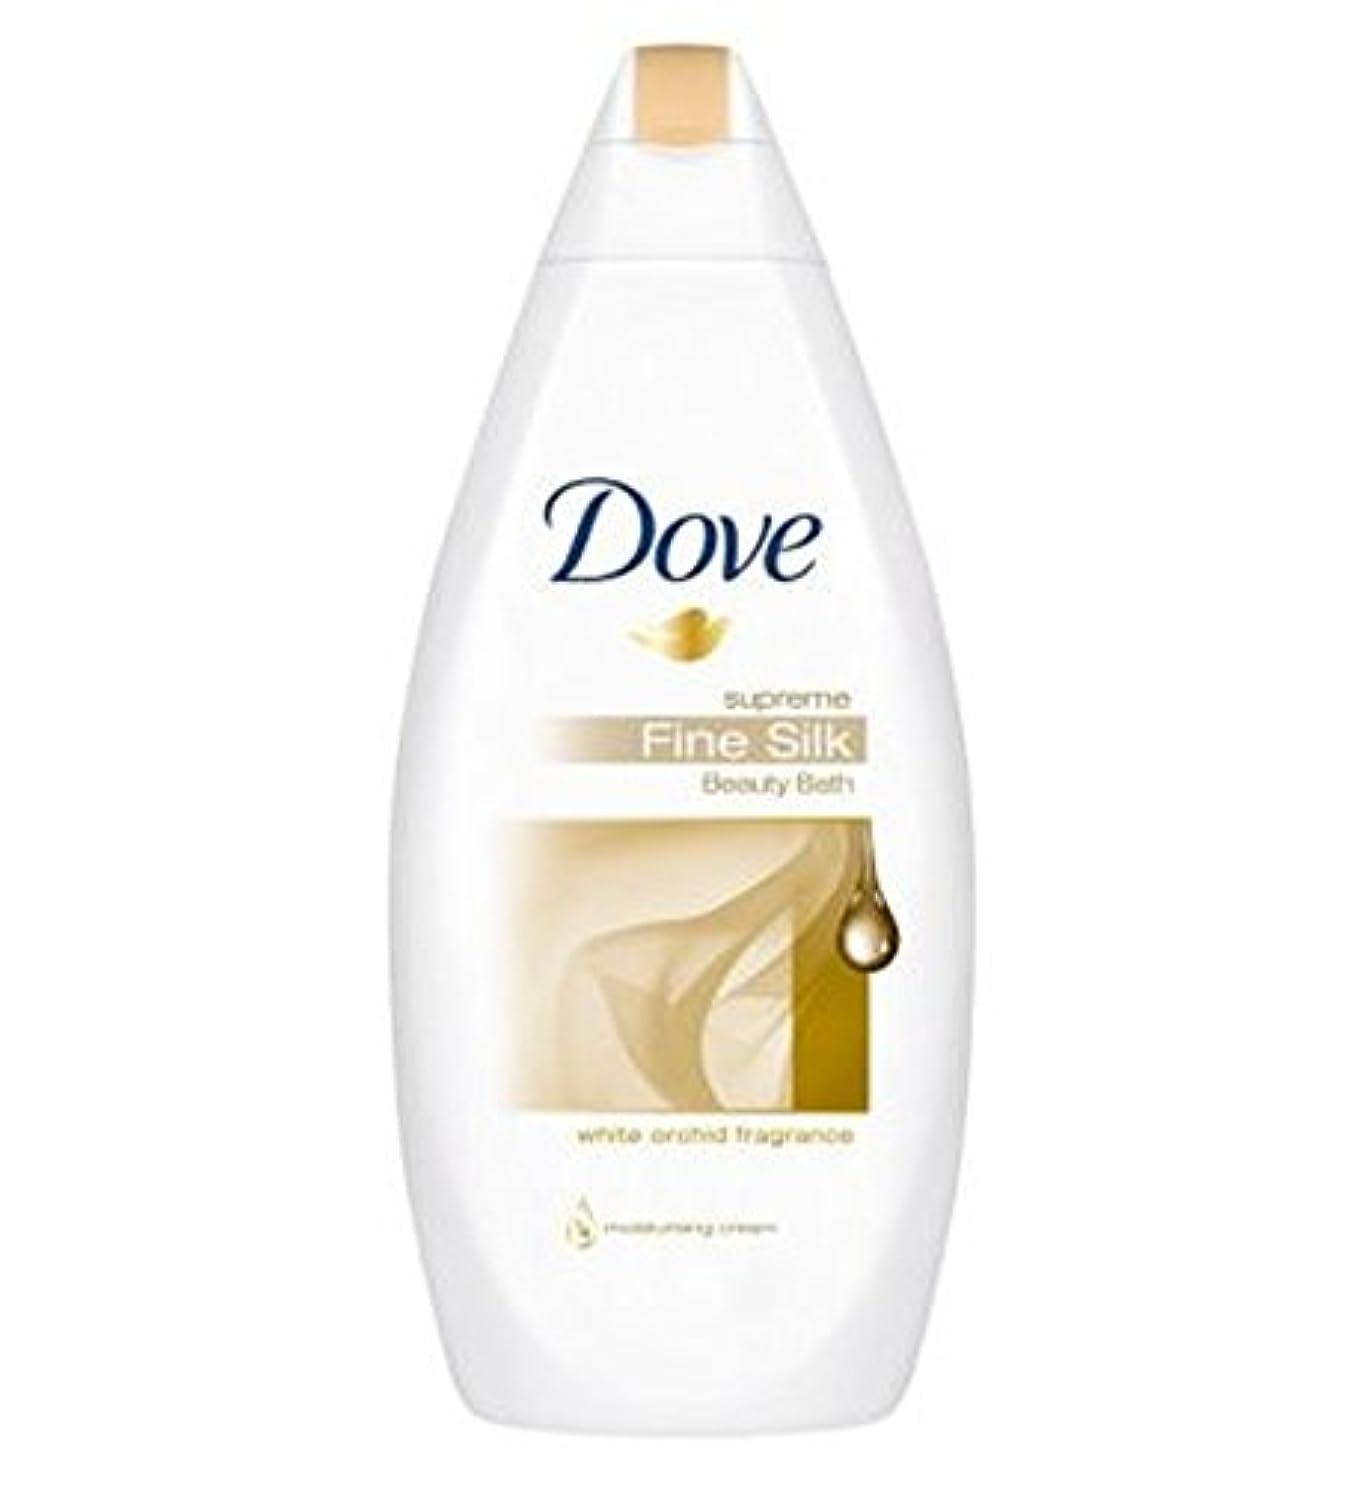 富意気込み親愛なDove Supreme Fine Silk Cream Bath 500ml - 鳩最高の細かい絹クリームバスの500ミリリットル (Dove) [並行輸入品]